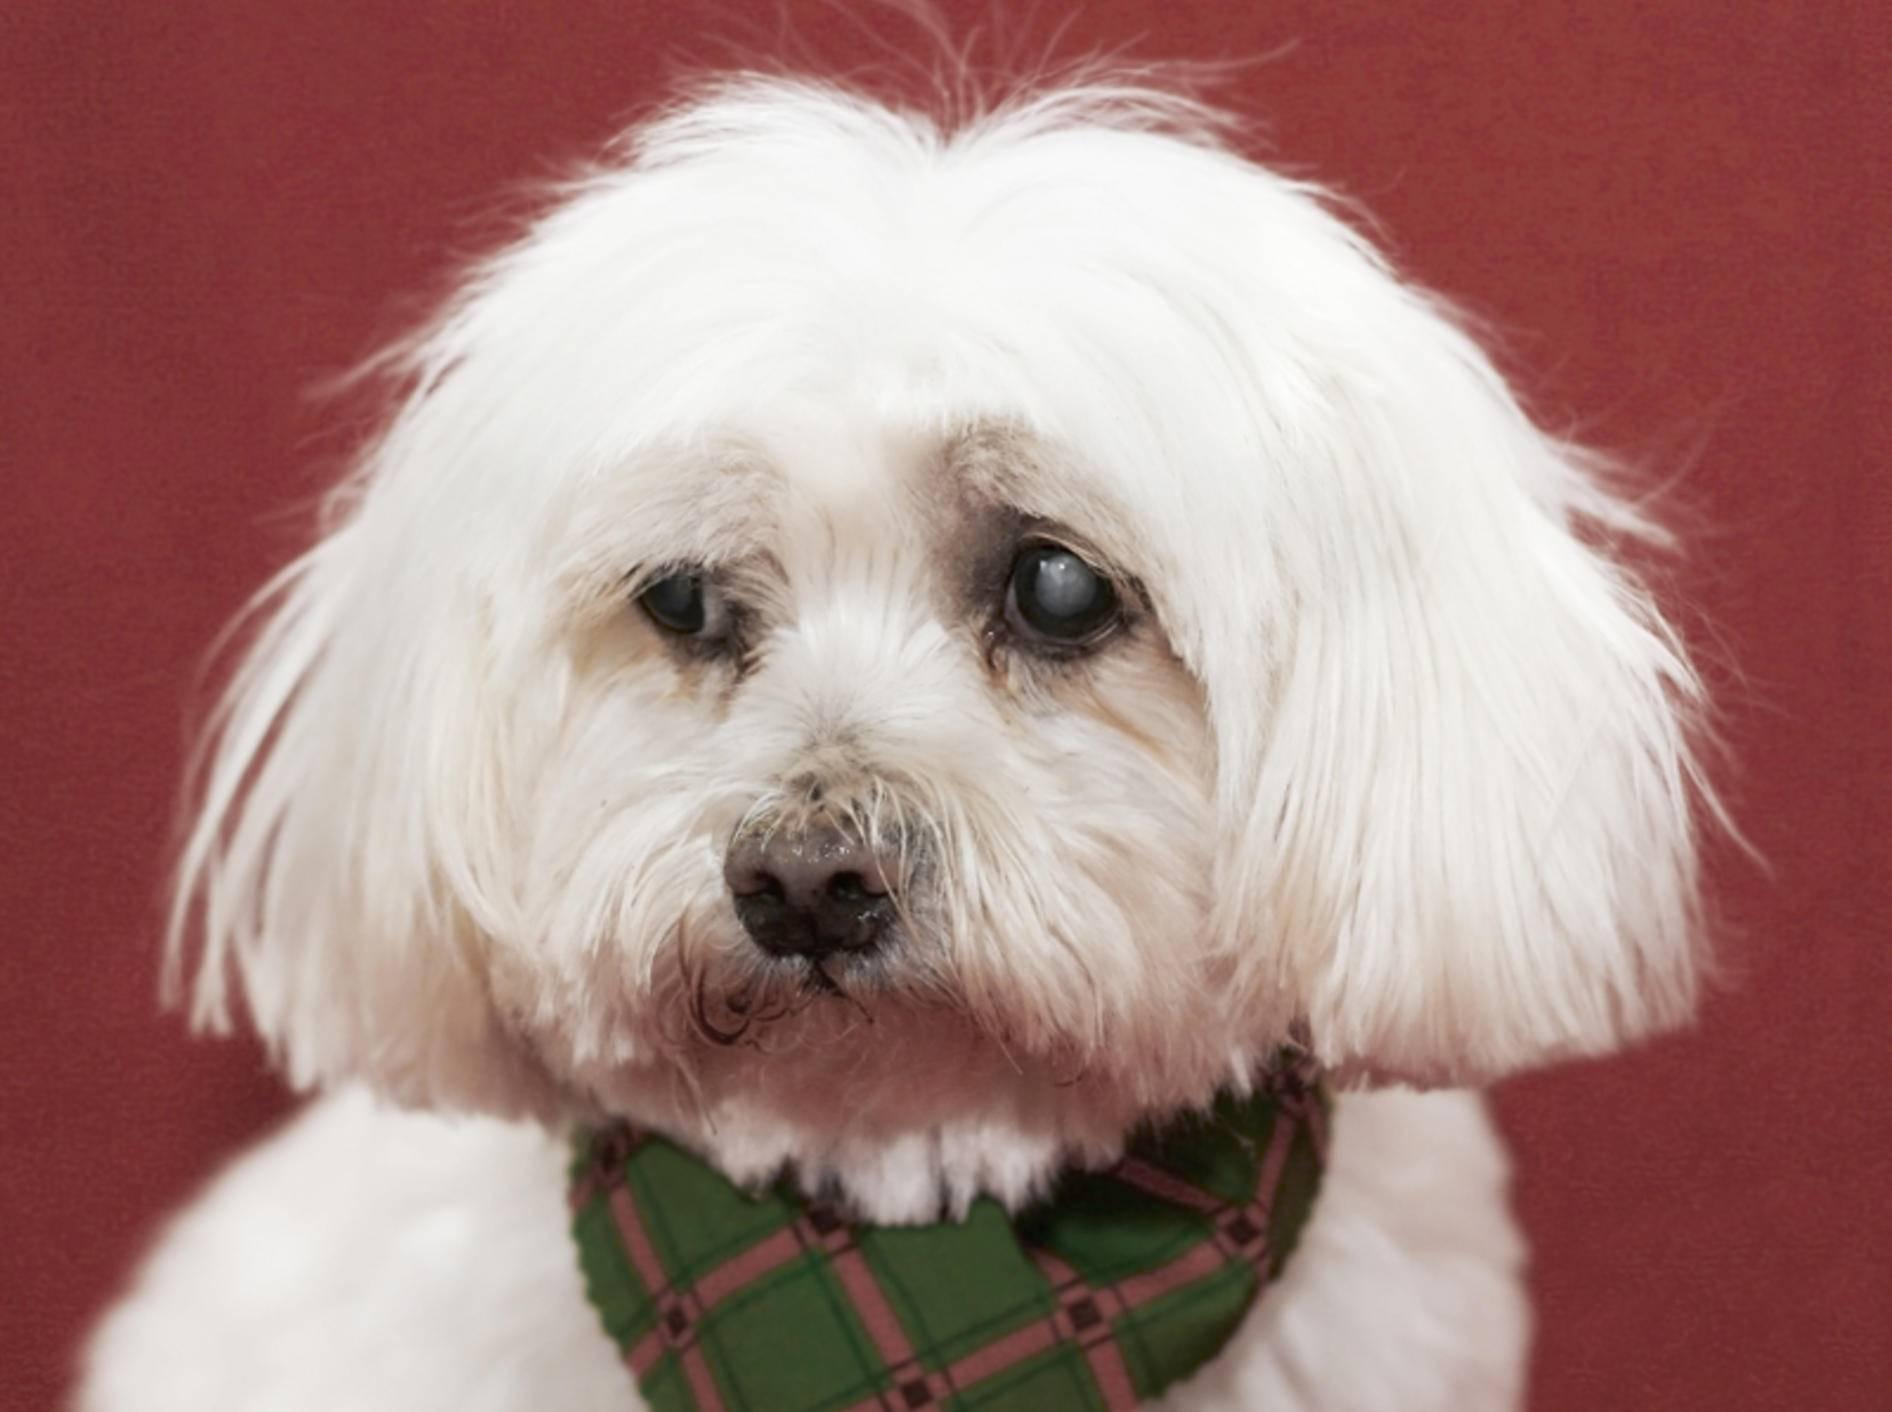 Dieser kleine Malteser leidet an Grauem Star und ist blind – Shutterstock / Joy Brown